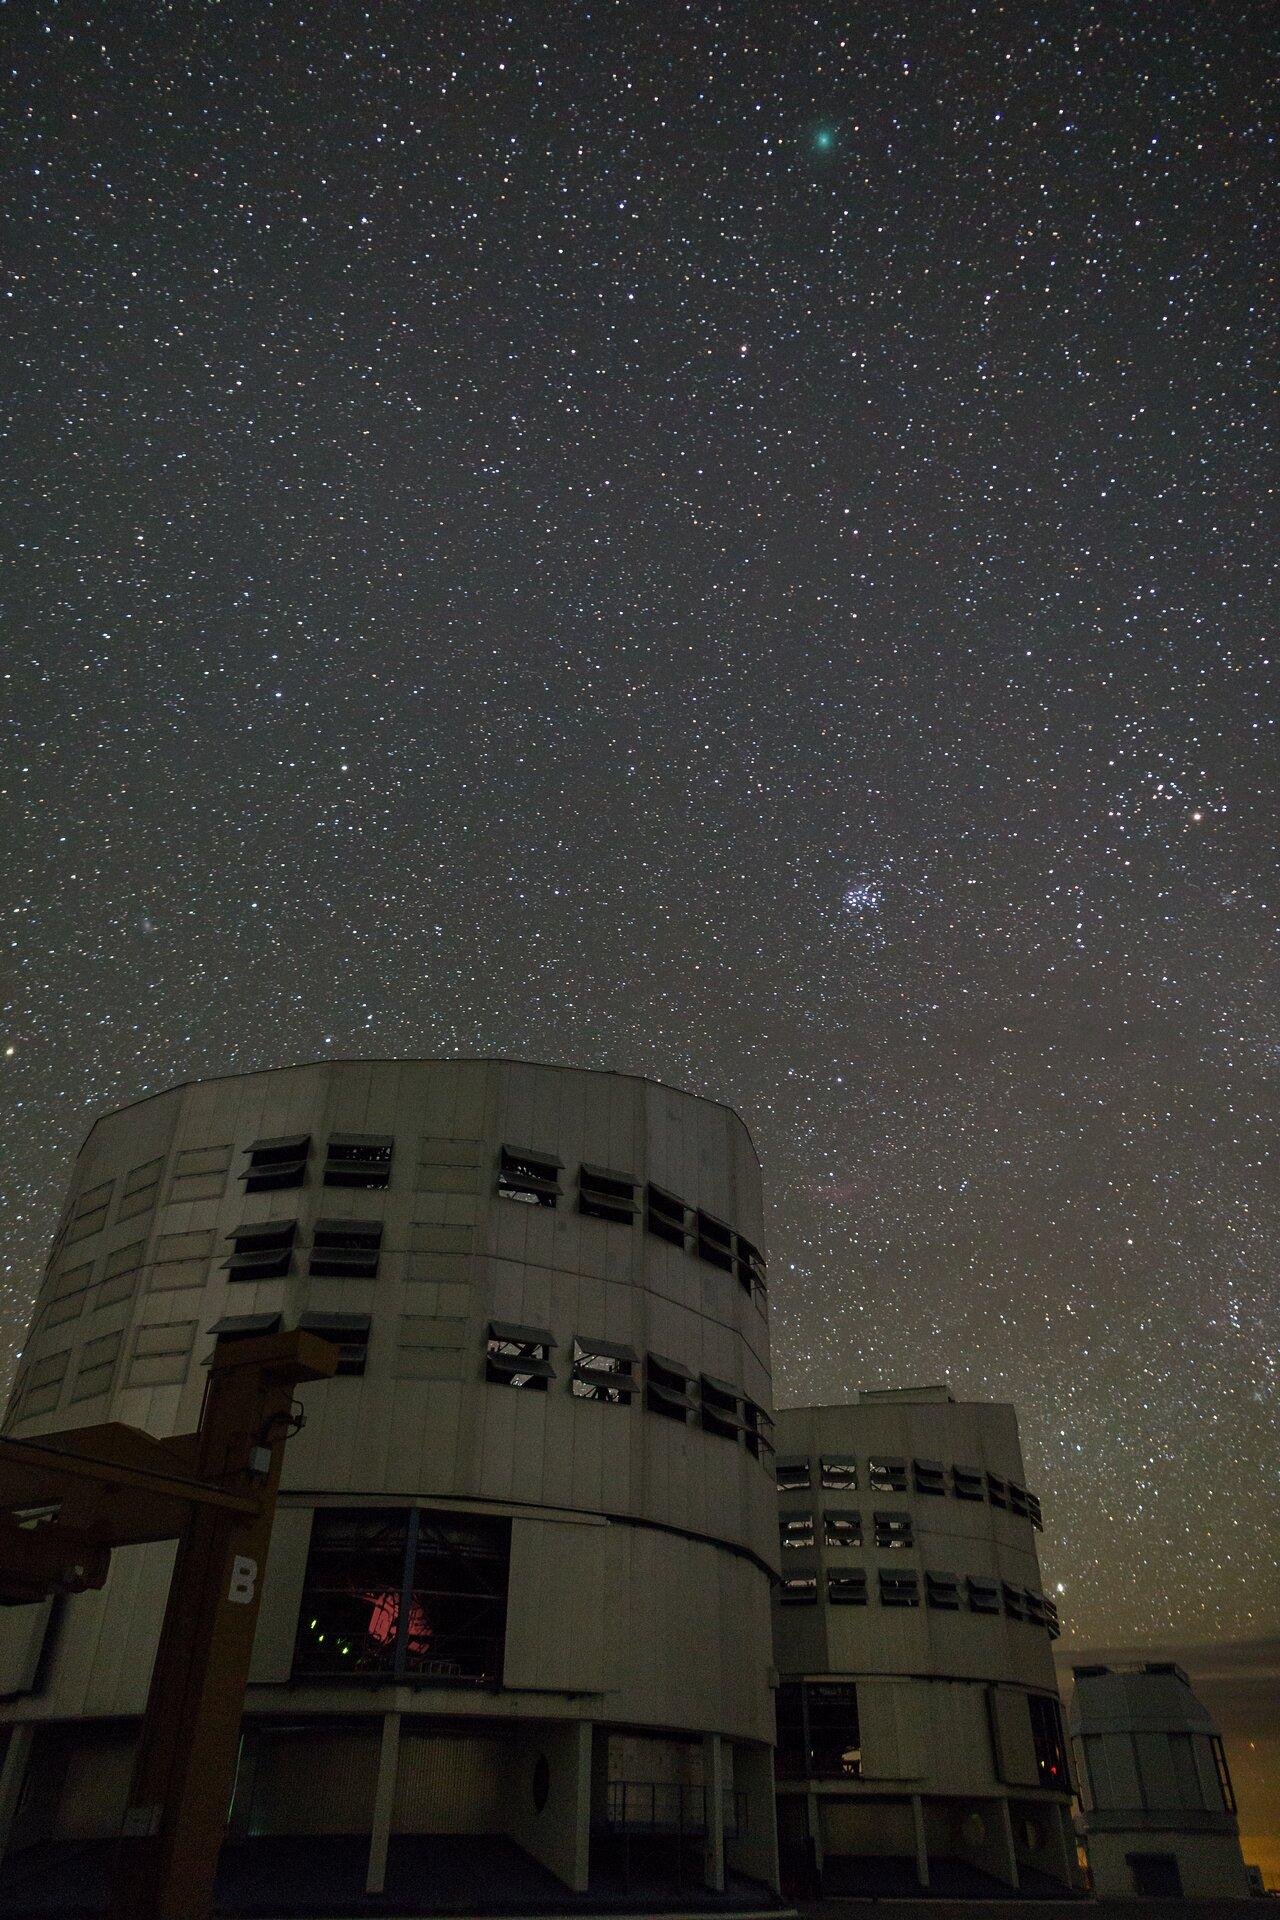 VLT Unit Telescopes observing a comet